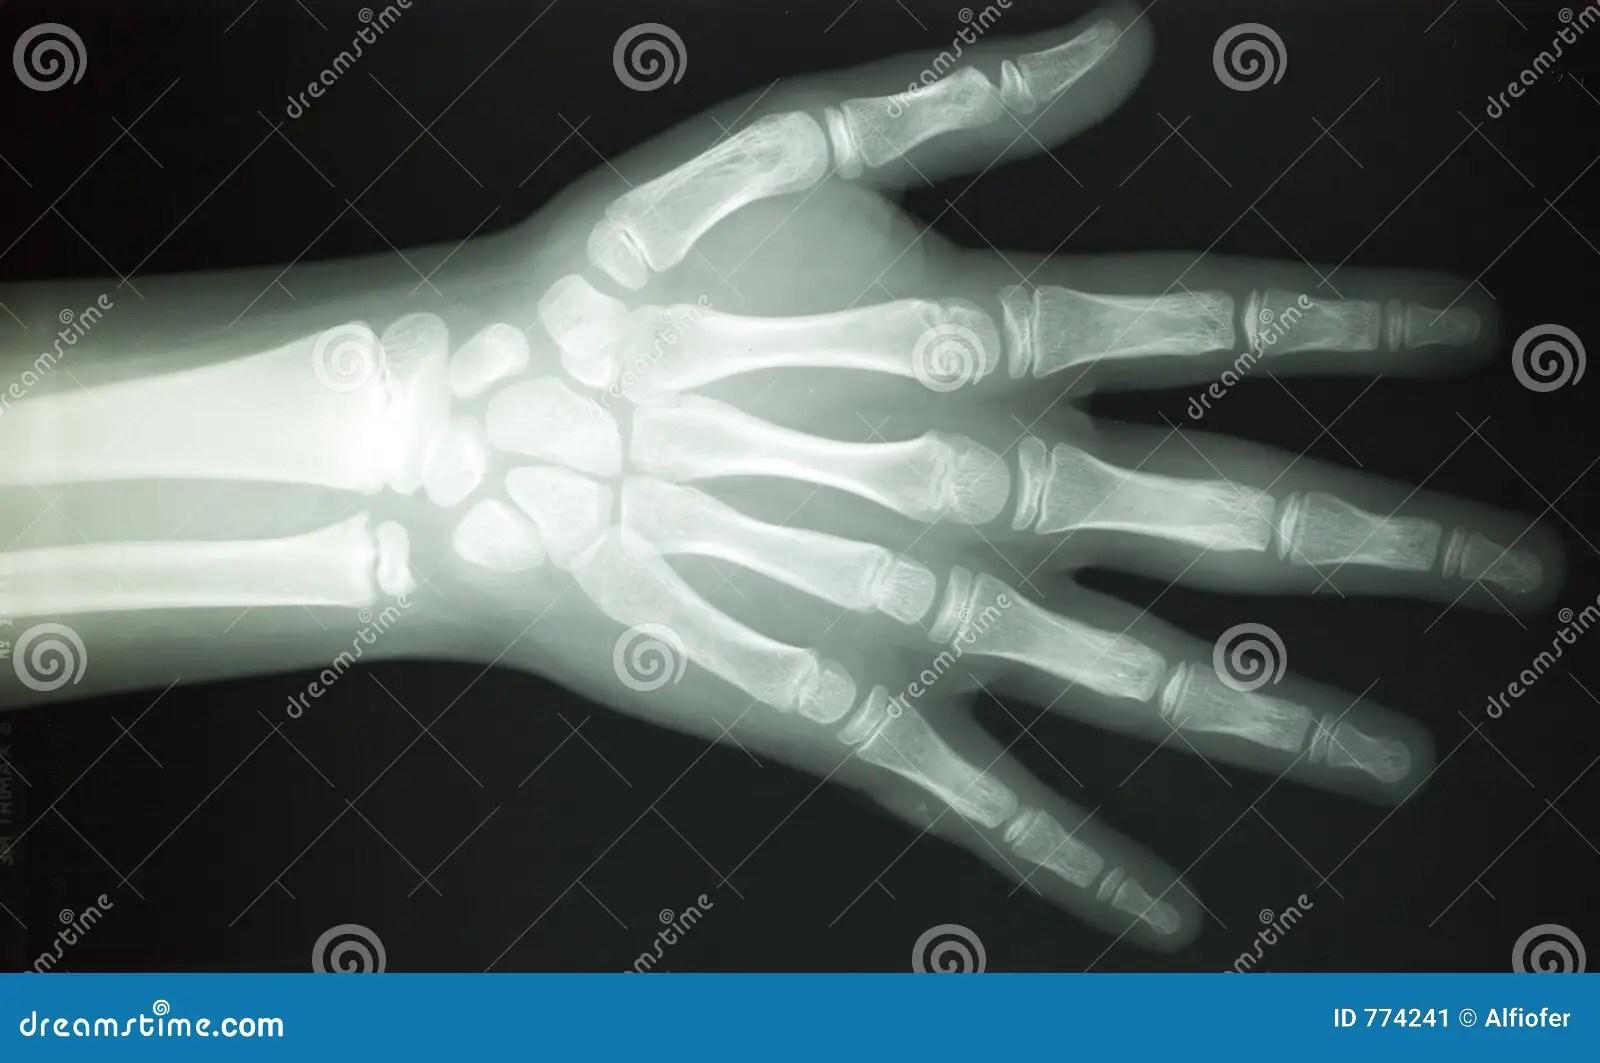 X Ray Body Parts Stock Image